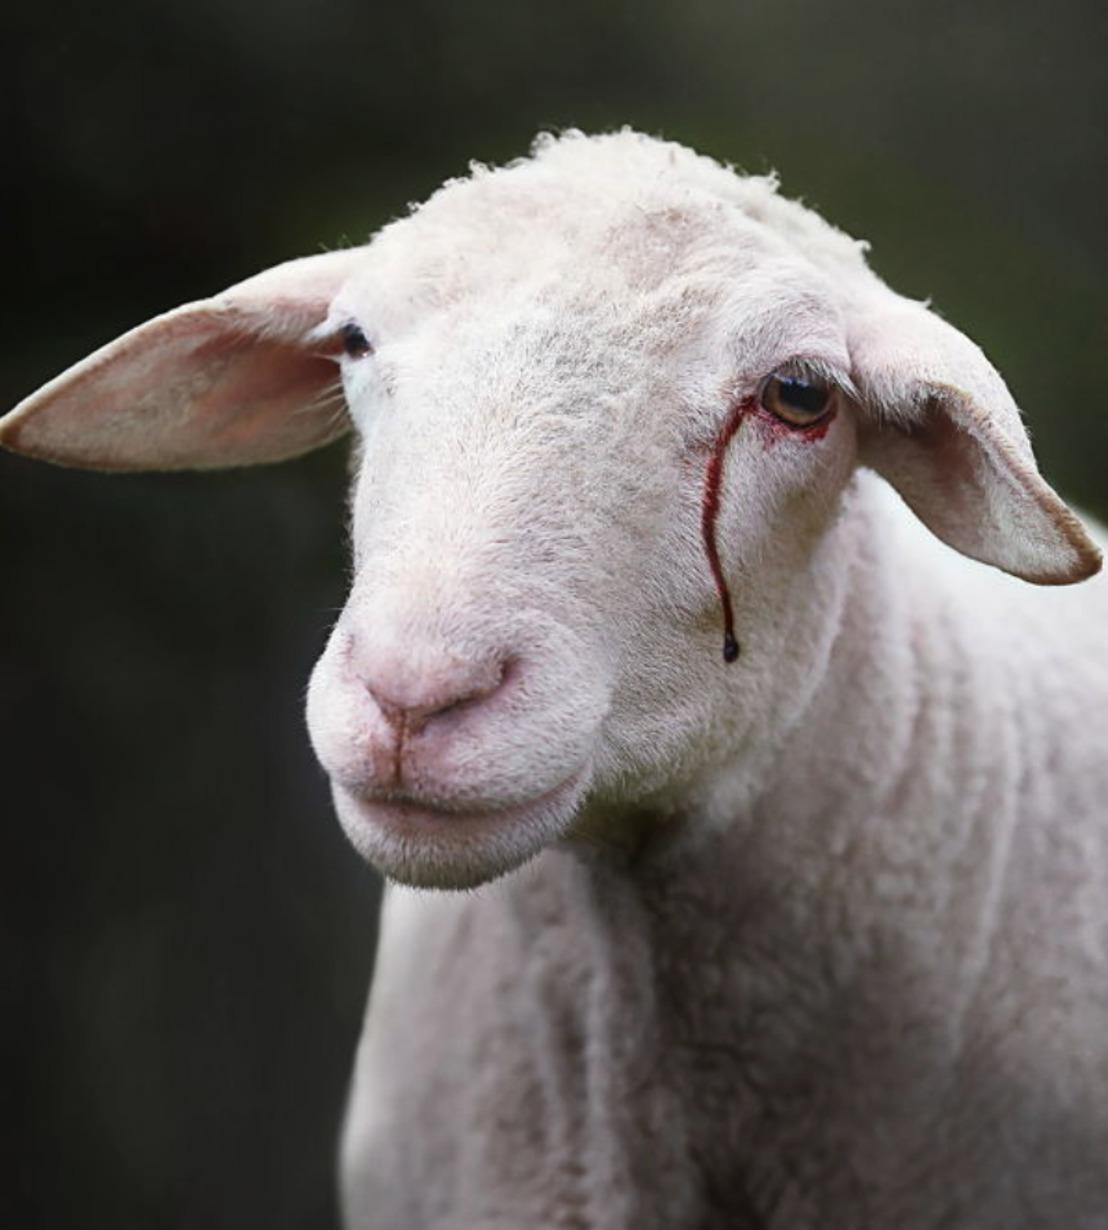 COUR D'APPEL DE BRUXELLES: l'affiche GAIA du mouton avec une larme de sang n'incite pas à la haine et à la violence